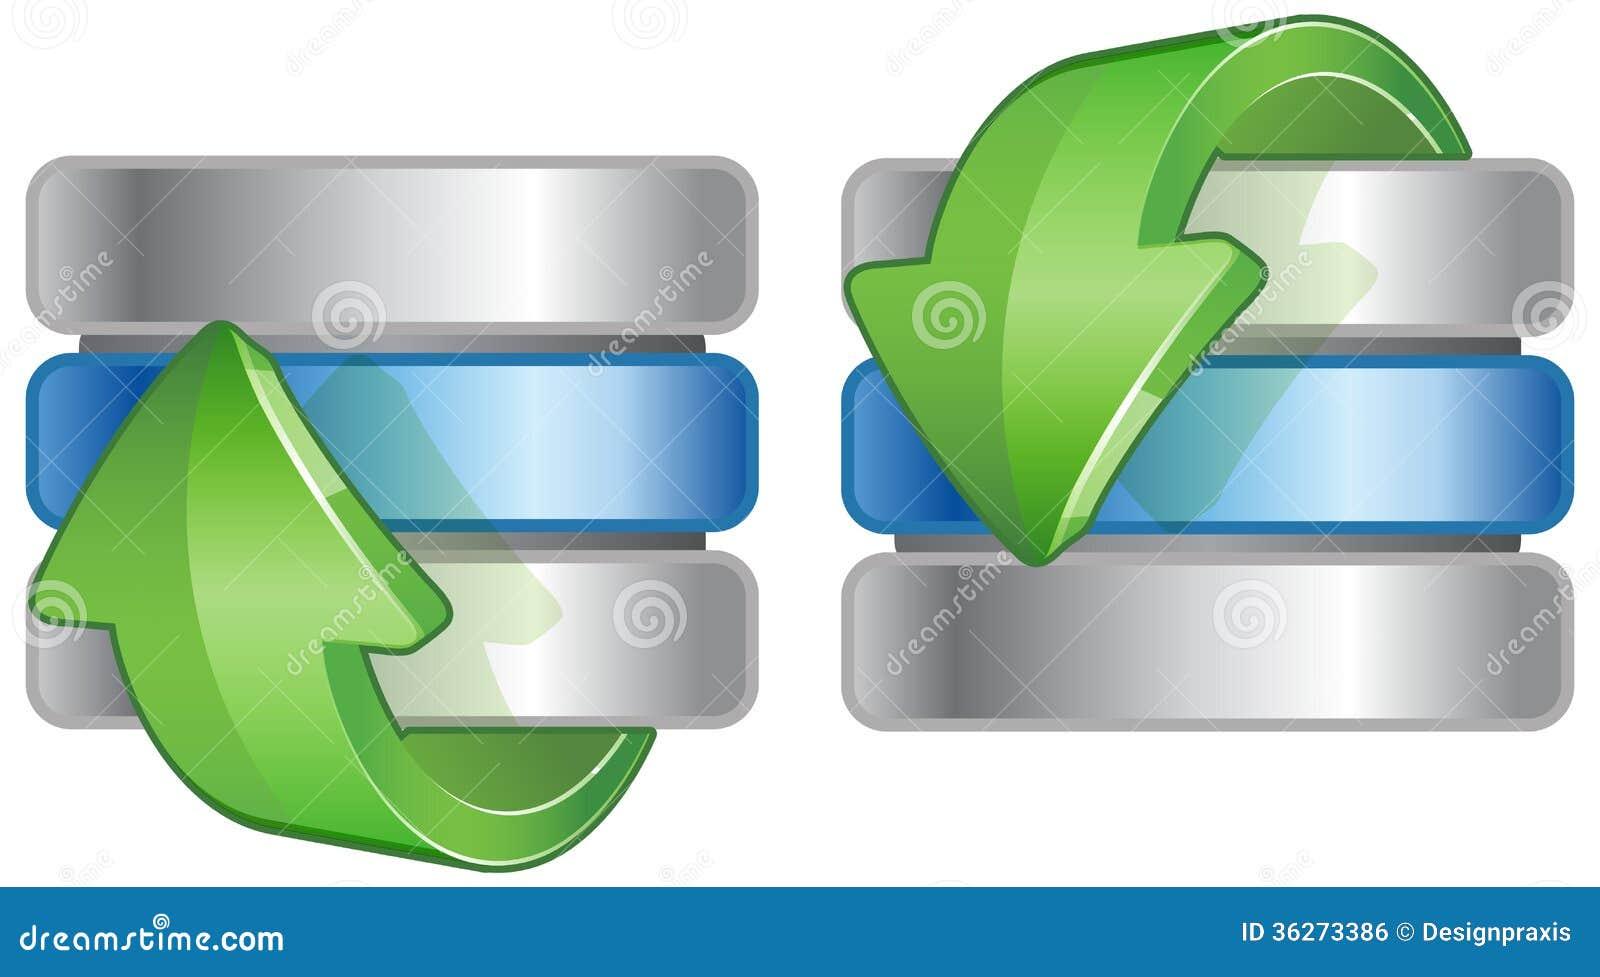 Icono De La Base De Datos Ilustración Del Vector